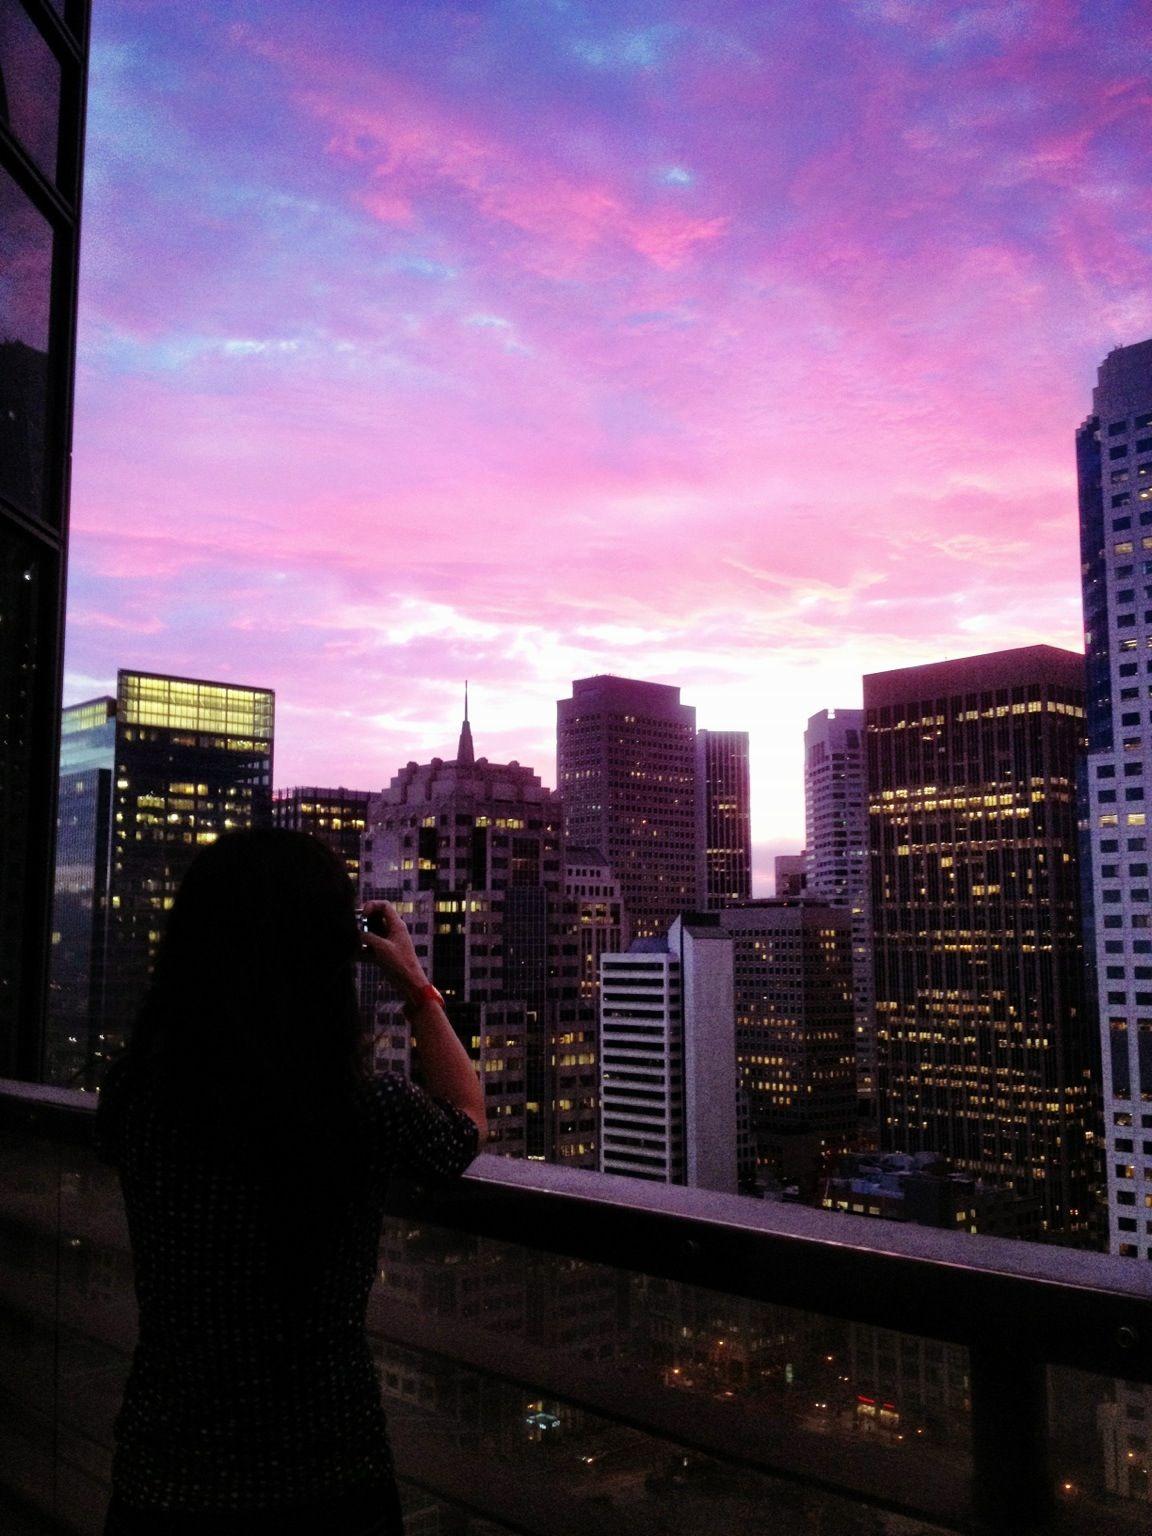 Rainbow sky off the balcony Rainbow sky, New york